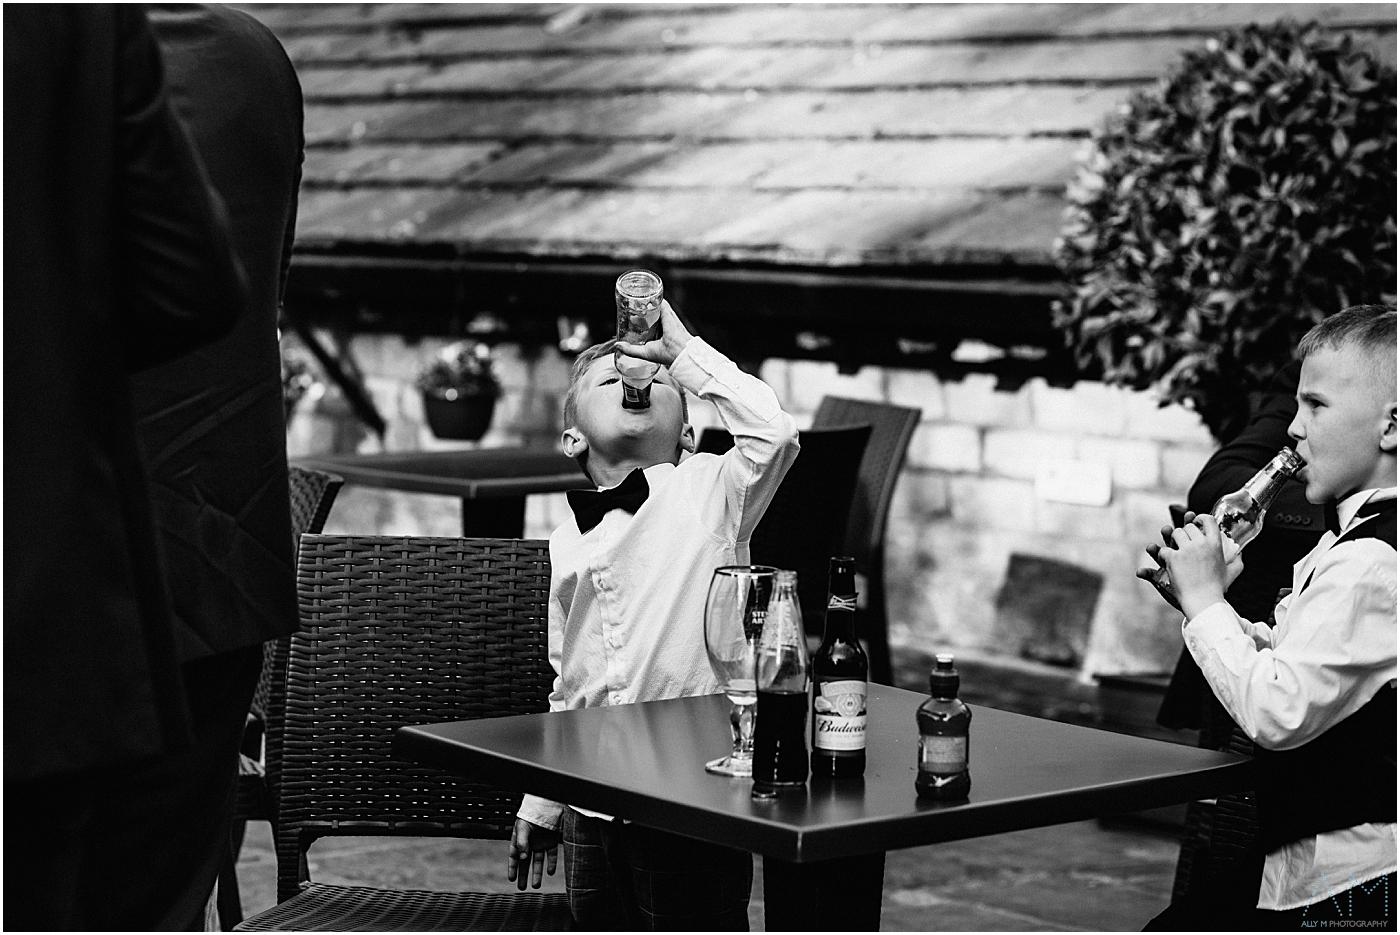 little boy drinking